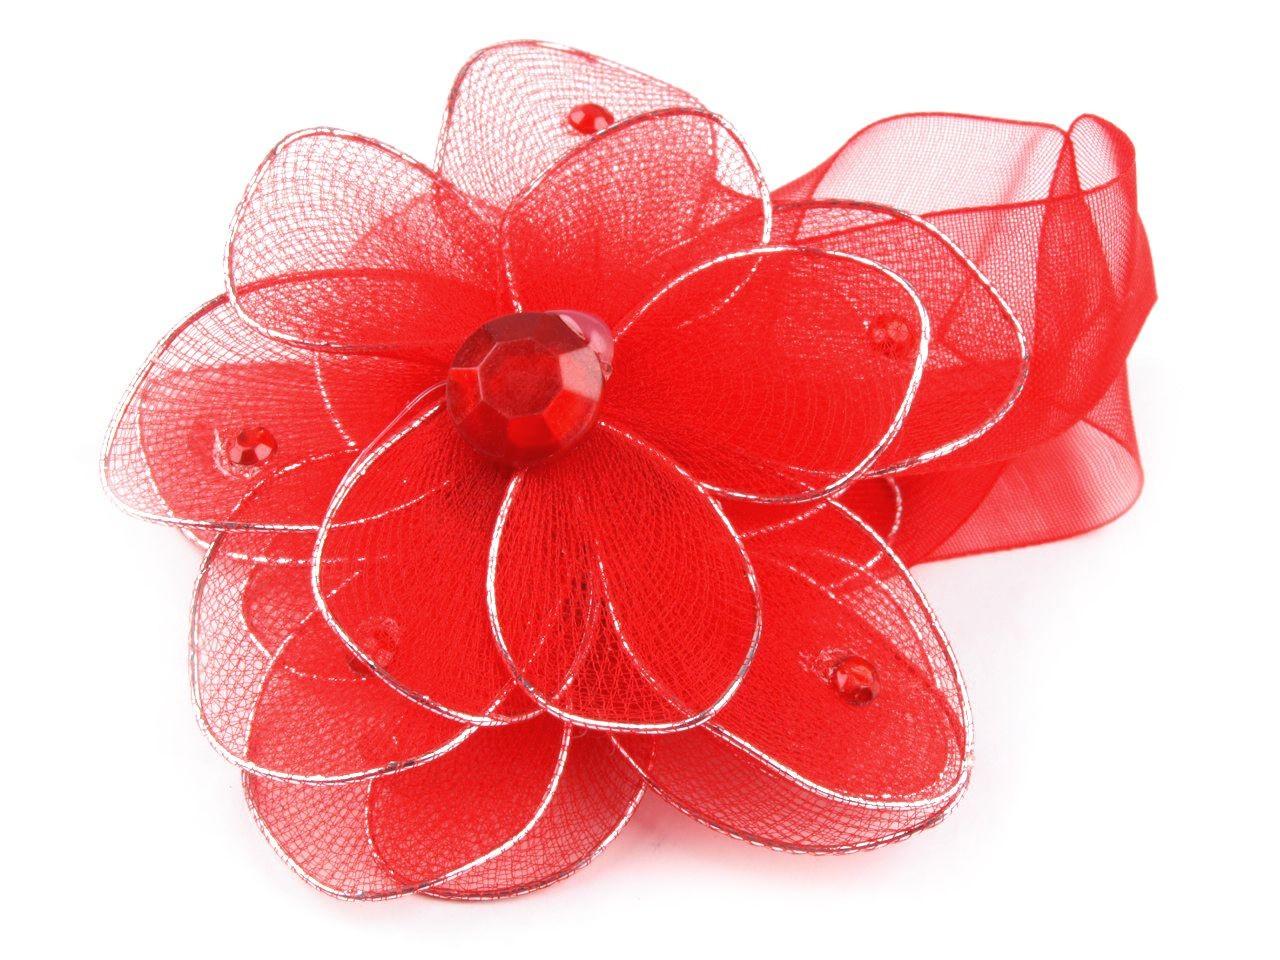 Ozdobná spona na závěsy s magnetem rozměr 8x33cm květina 12ks - 28 Kč / ks mix náhodný